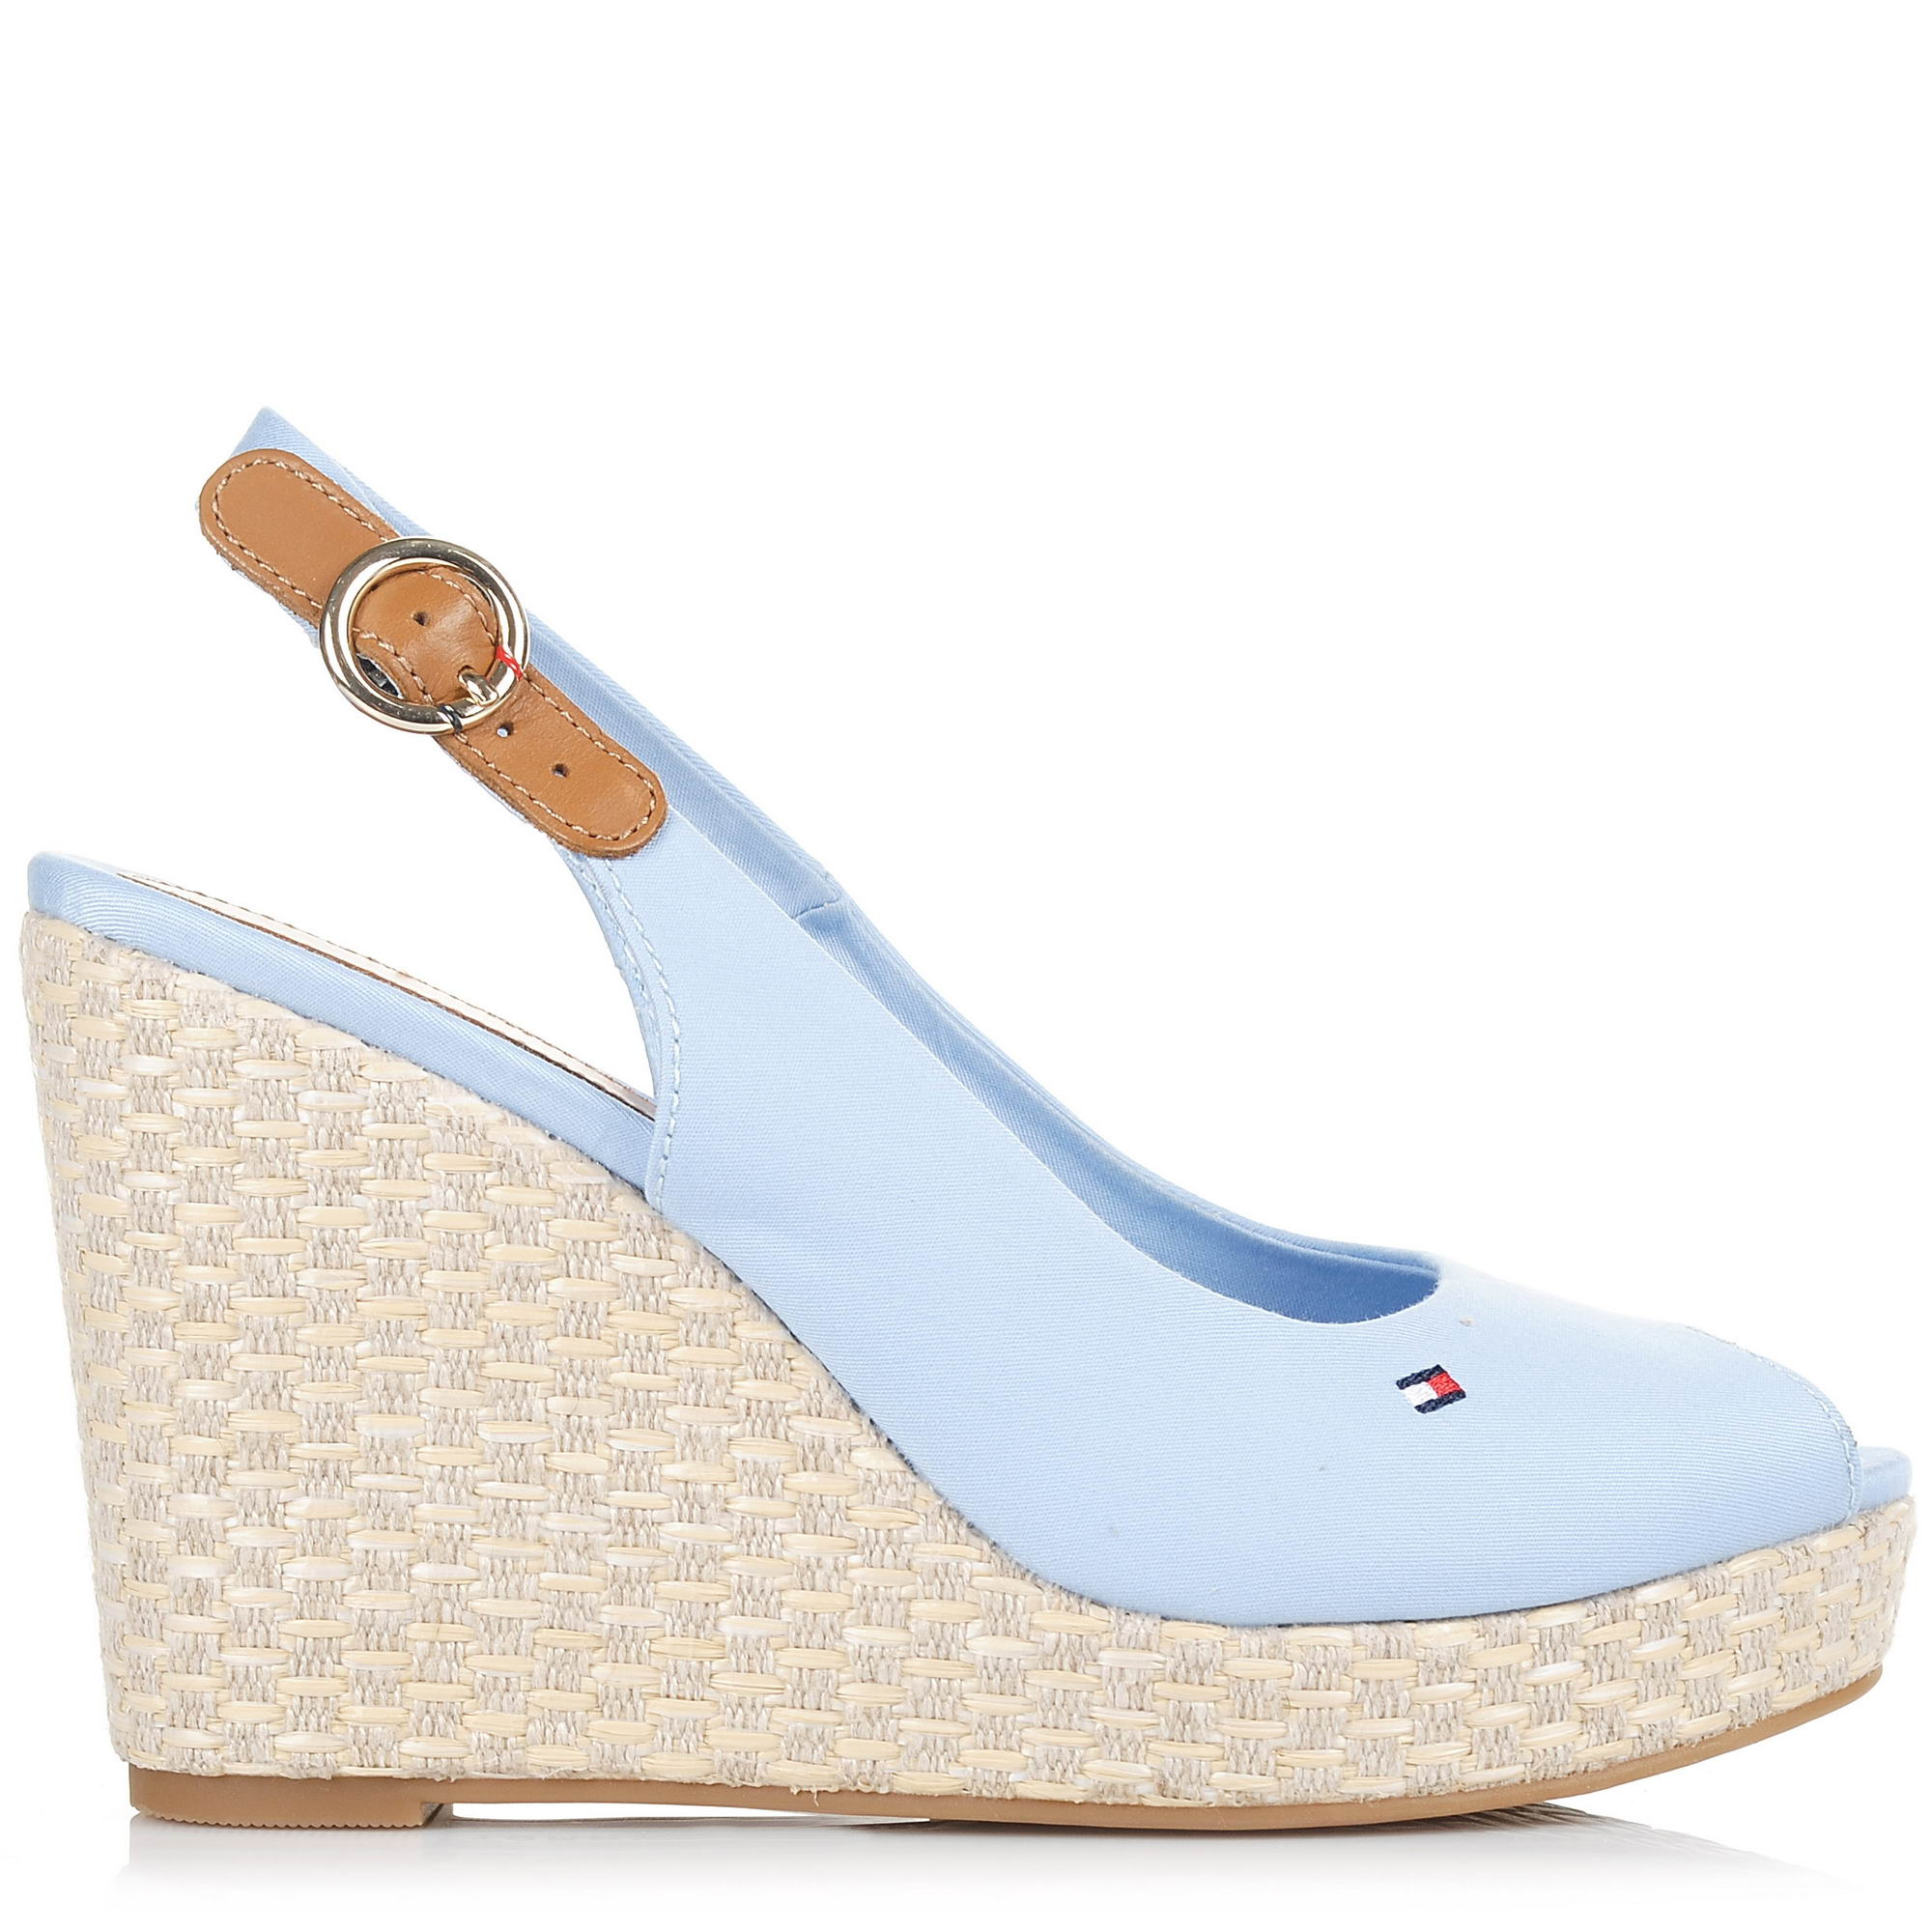 Πλατφόρμες Tommy Hilfiger Iconic Elena Basic Sling Bacl FW0FW02787 γυναικα   γυναικείο παπούτσι